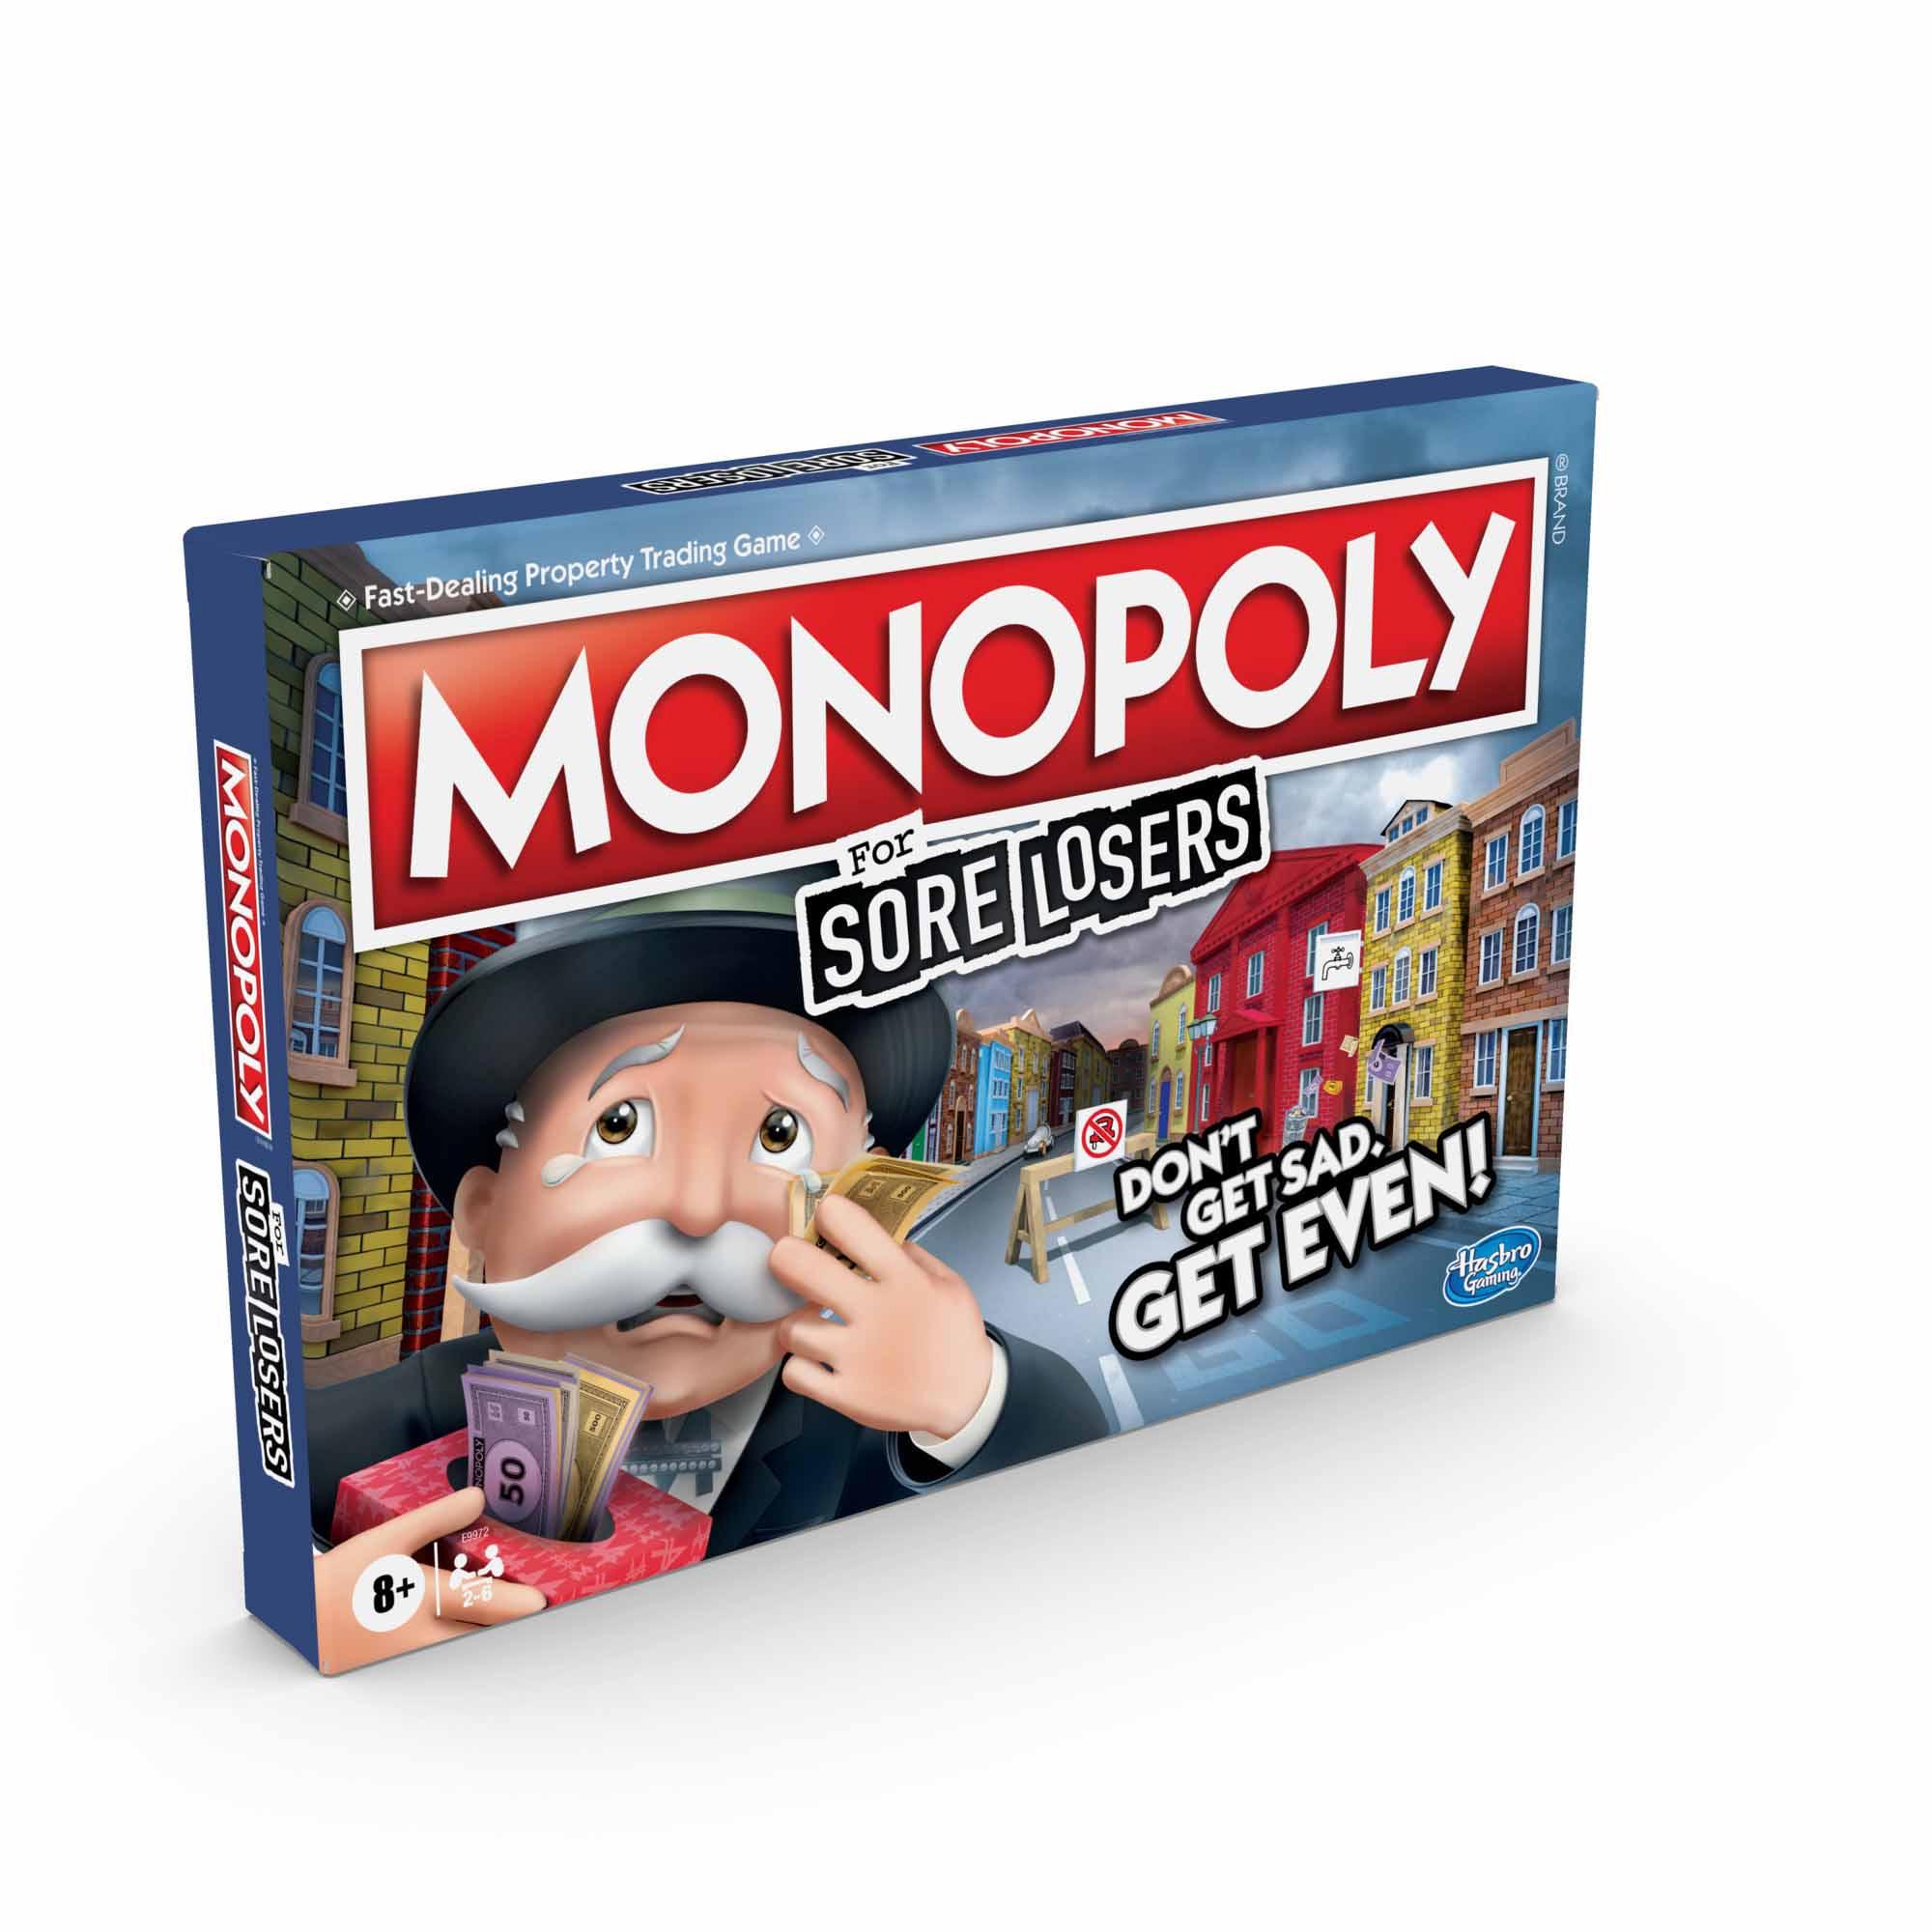 Monopoly-bordspel voor slechte verliezers, vanaf 8 jaar